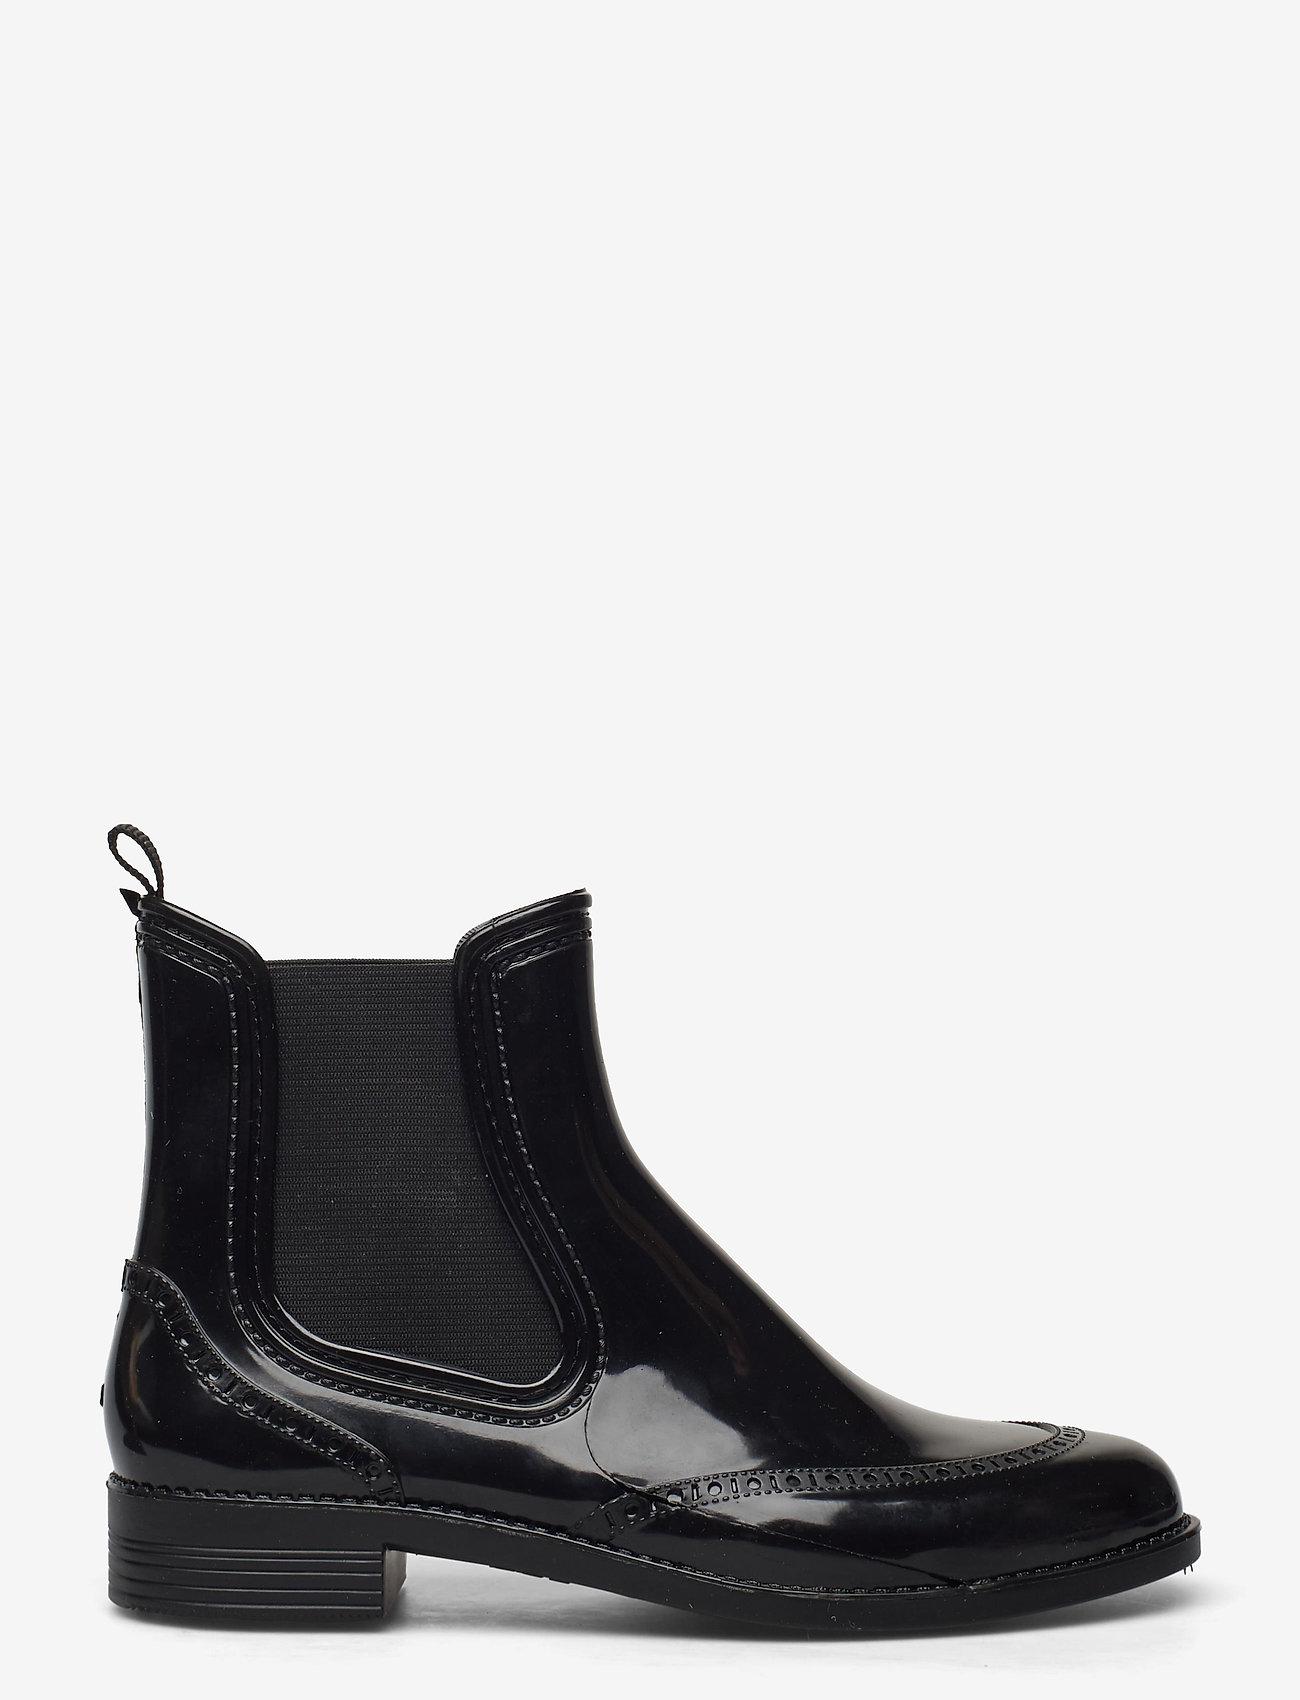 Paliutis - CHELSEA style rainboots - bottes de pluie - black - 1